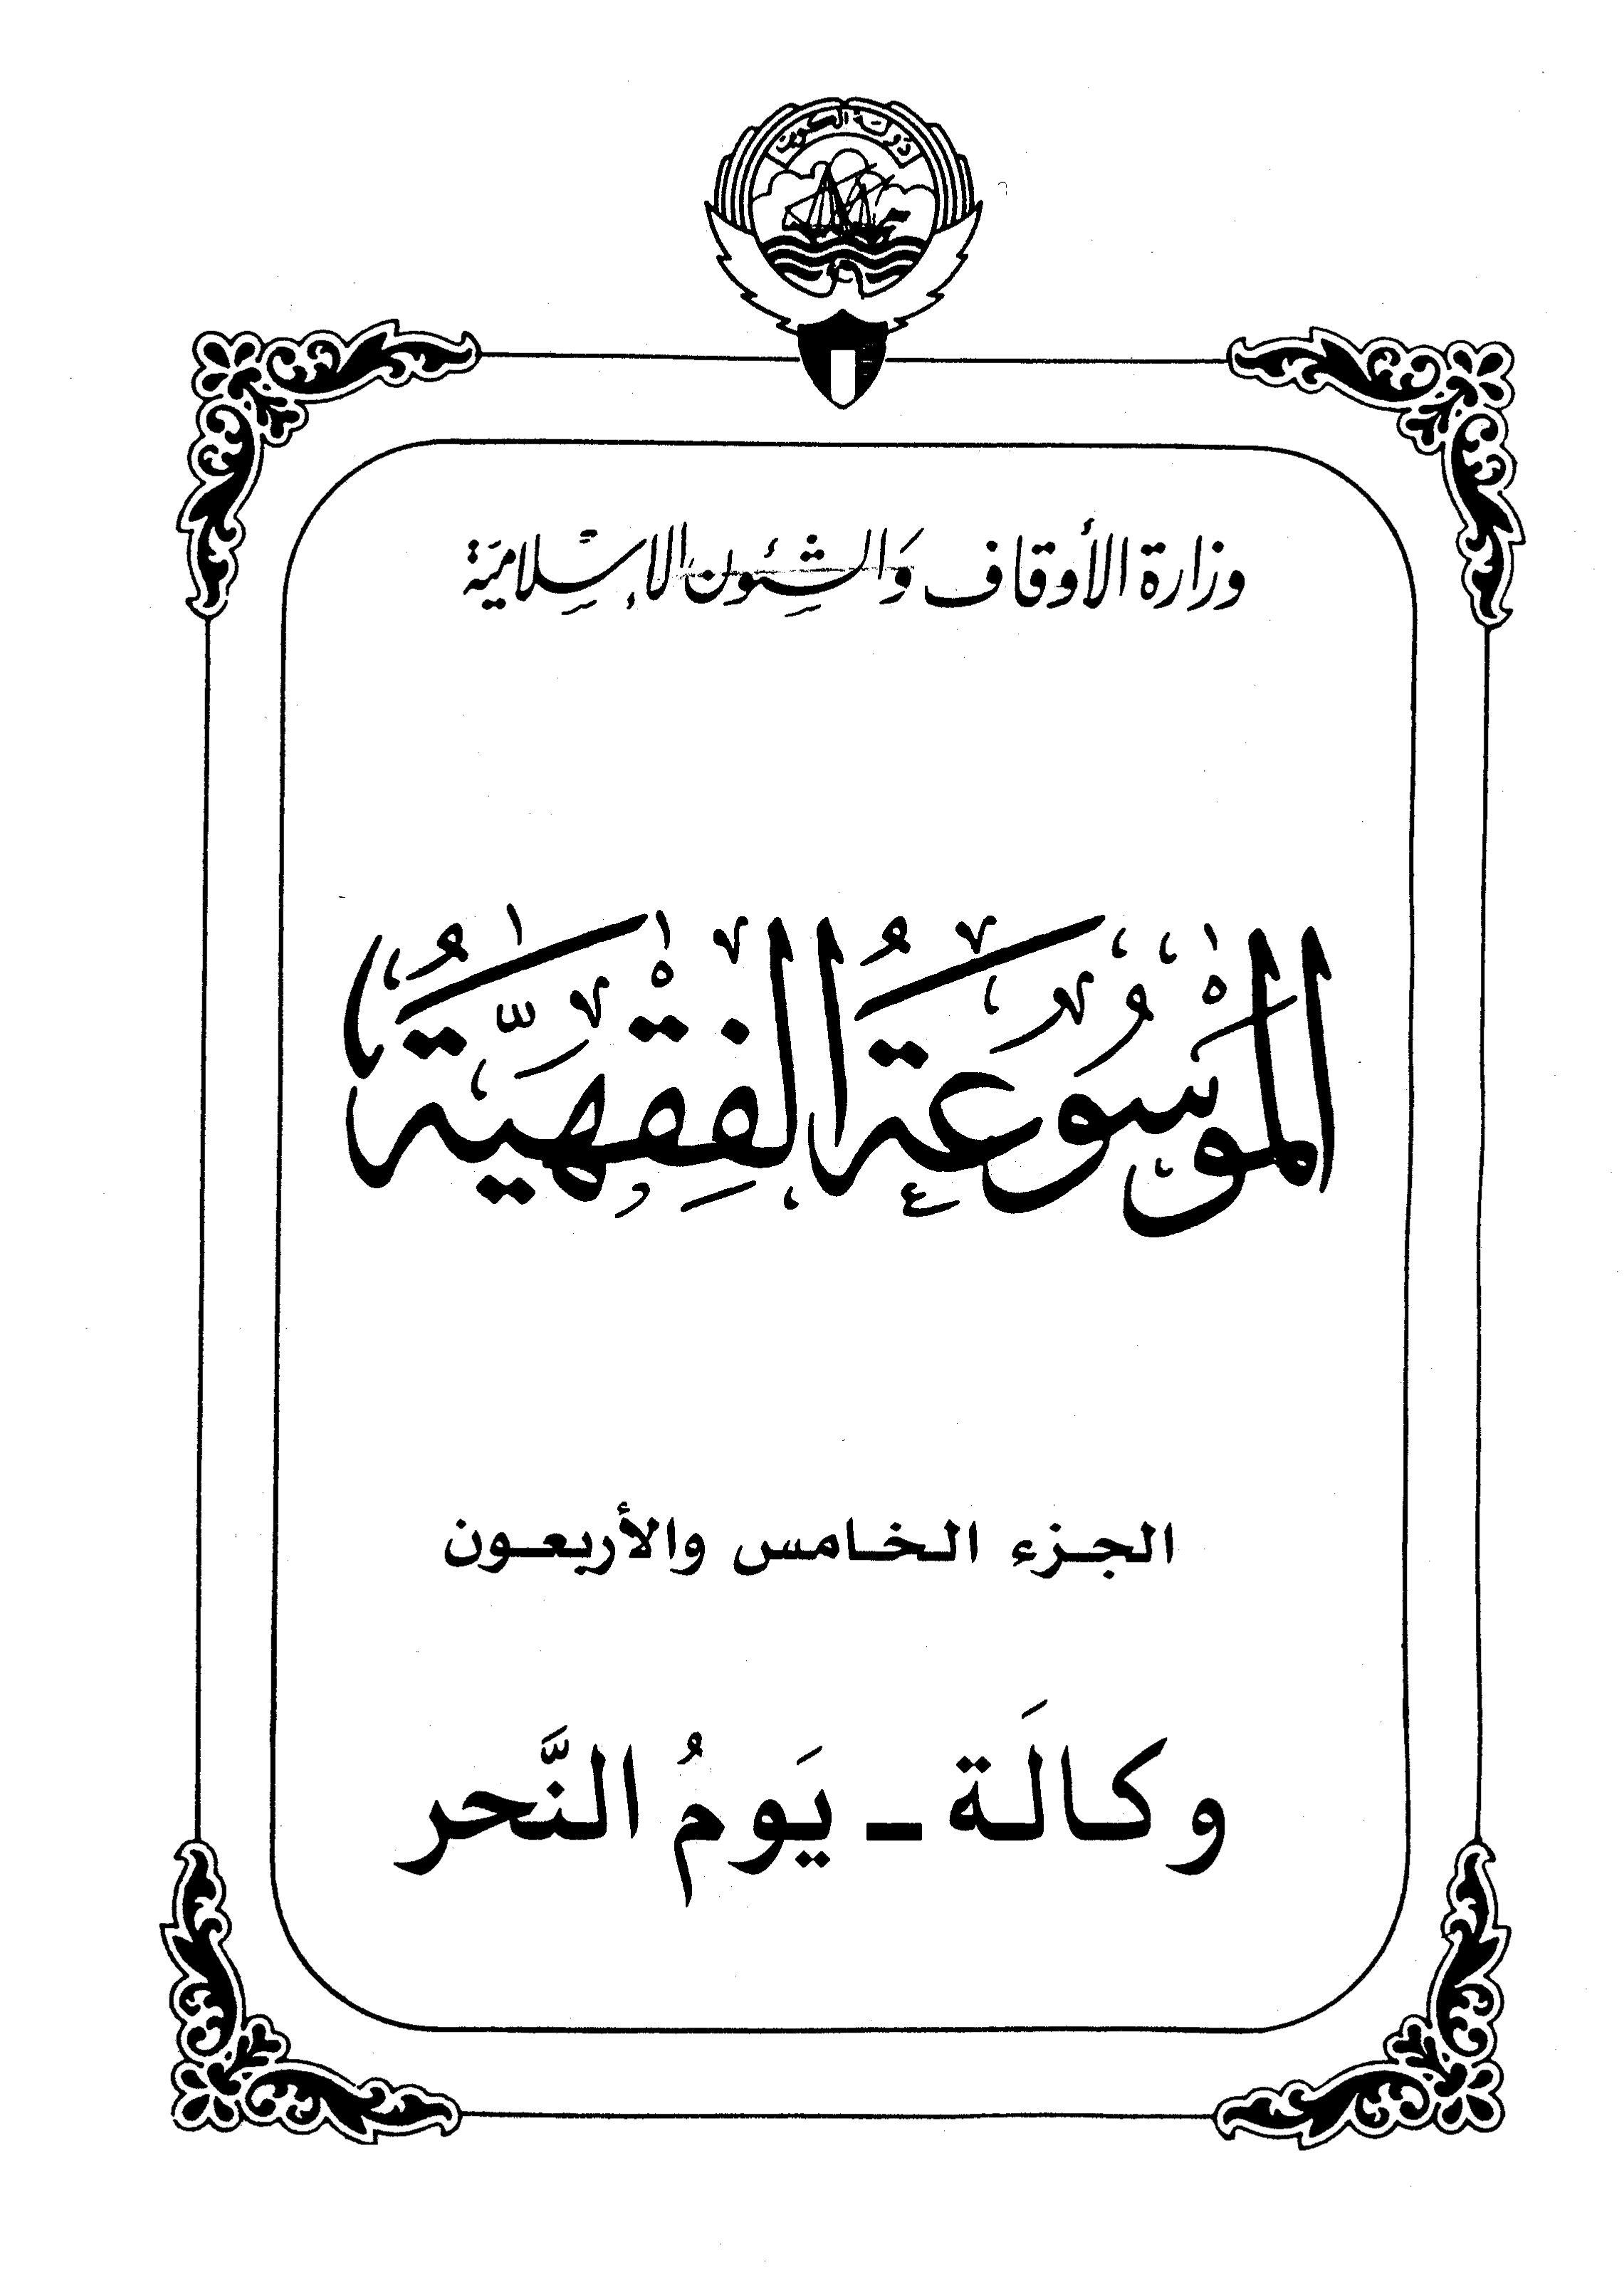 الموسوعة الفقهية الكويتية- الجزء الخامس والأربعون (وكالة – يوم النحر)